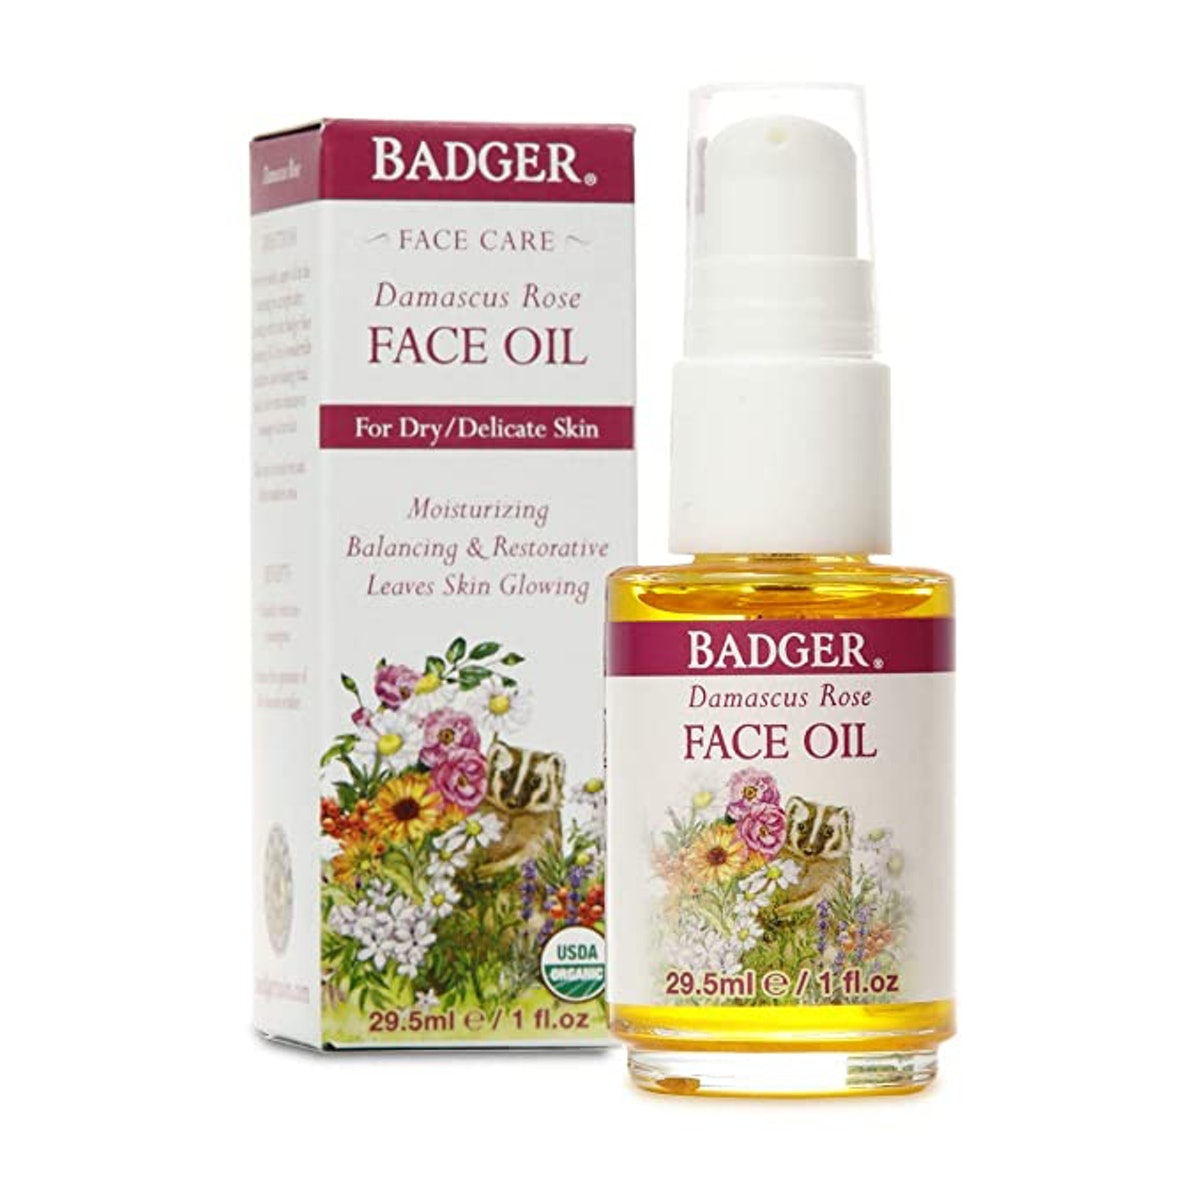 Badger Damascus Rose Antioxidant Face Oil